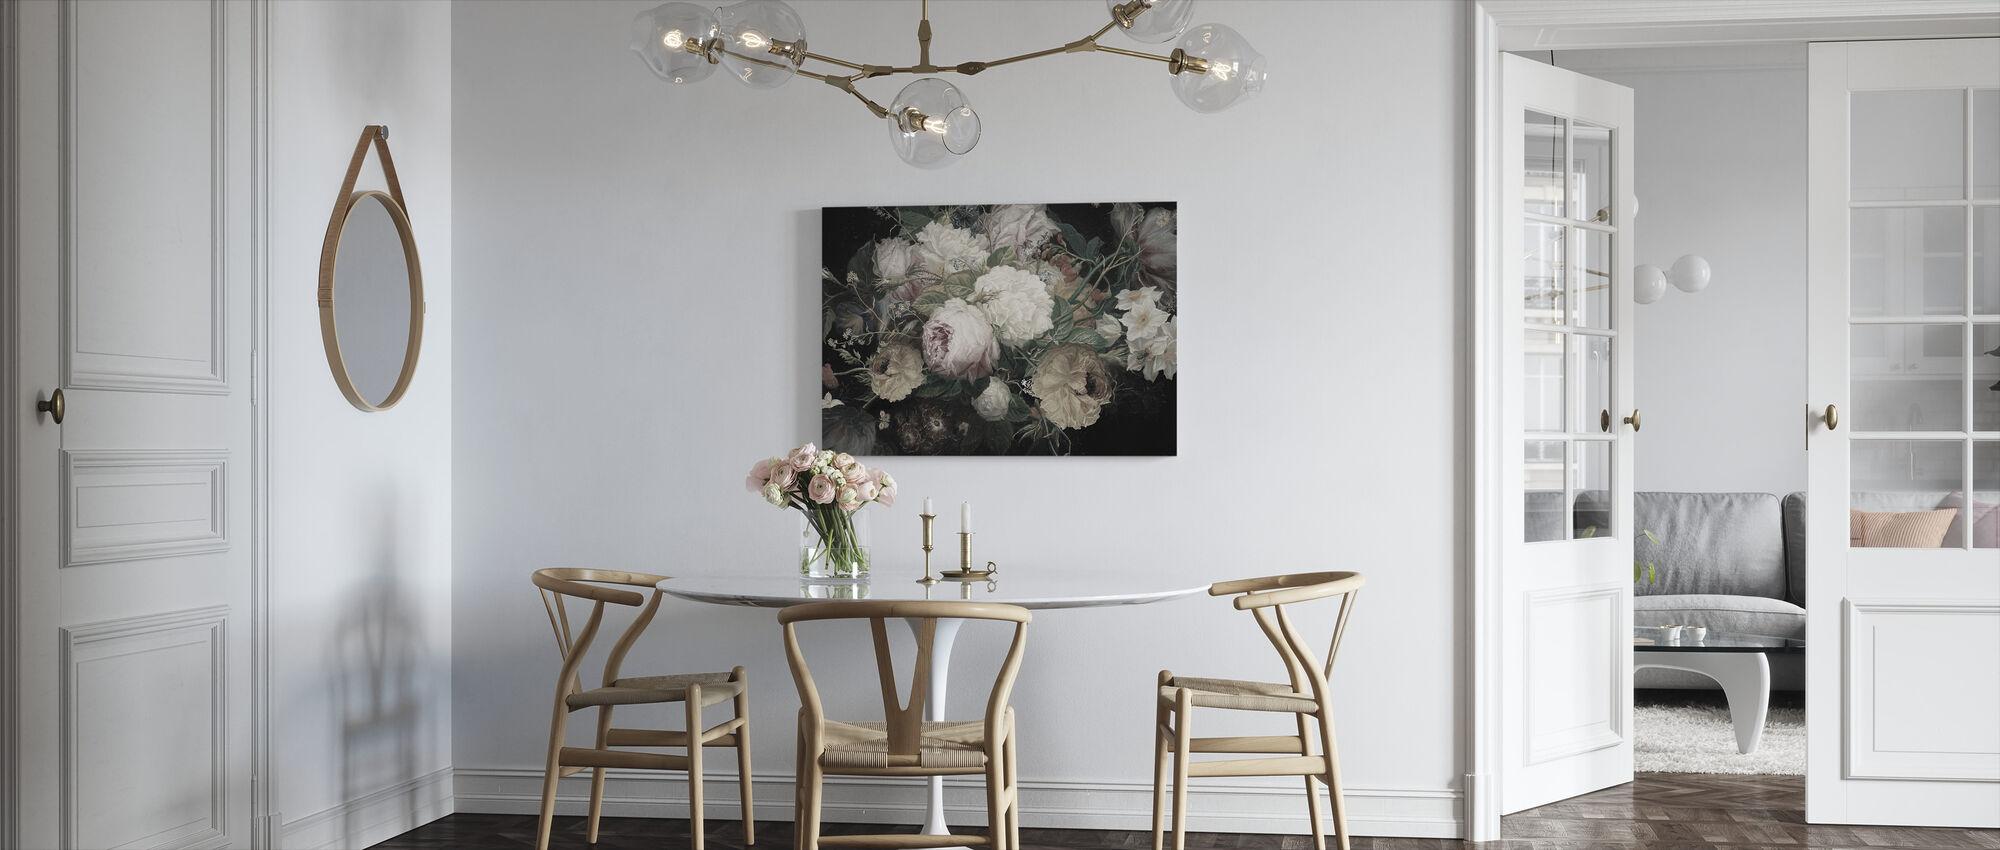 Bohemian Arrangement - Canvas print - Kitchen